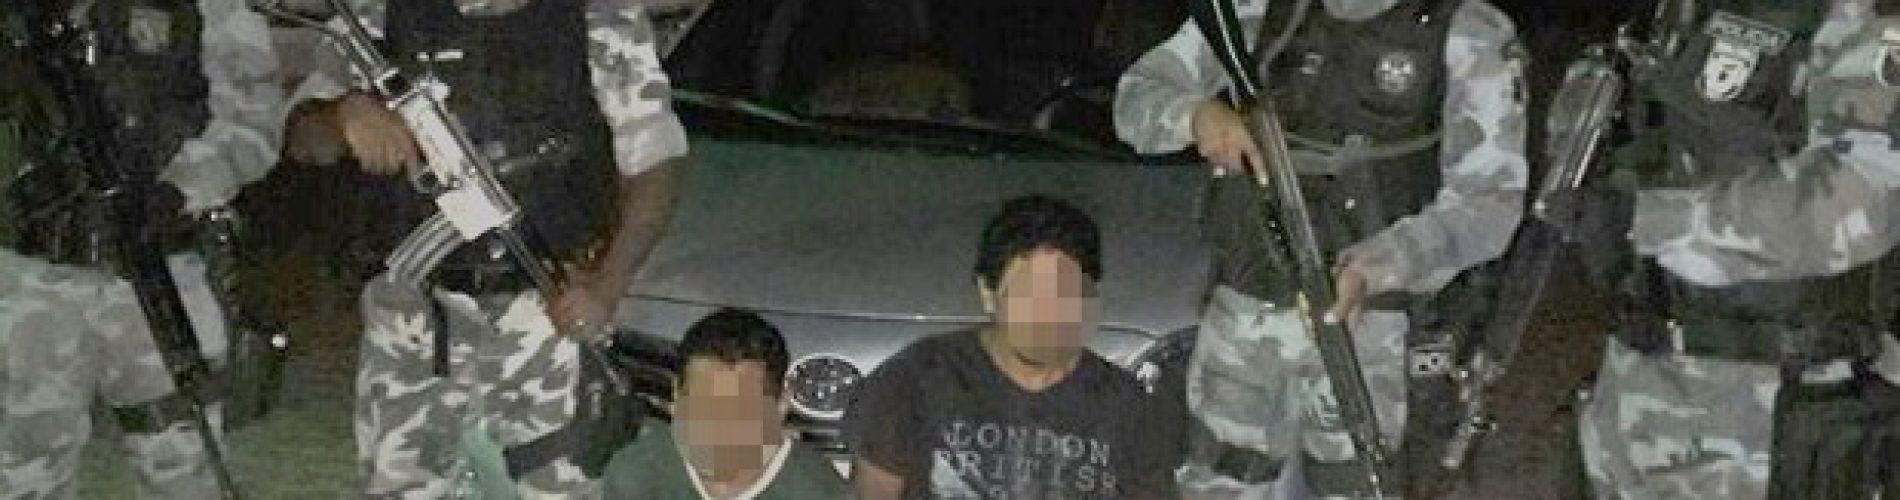 Dupla invade casa de comerciante no Sul do Piauí, agride mulher e leva carro